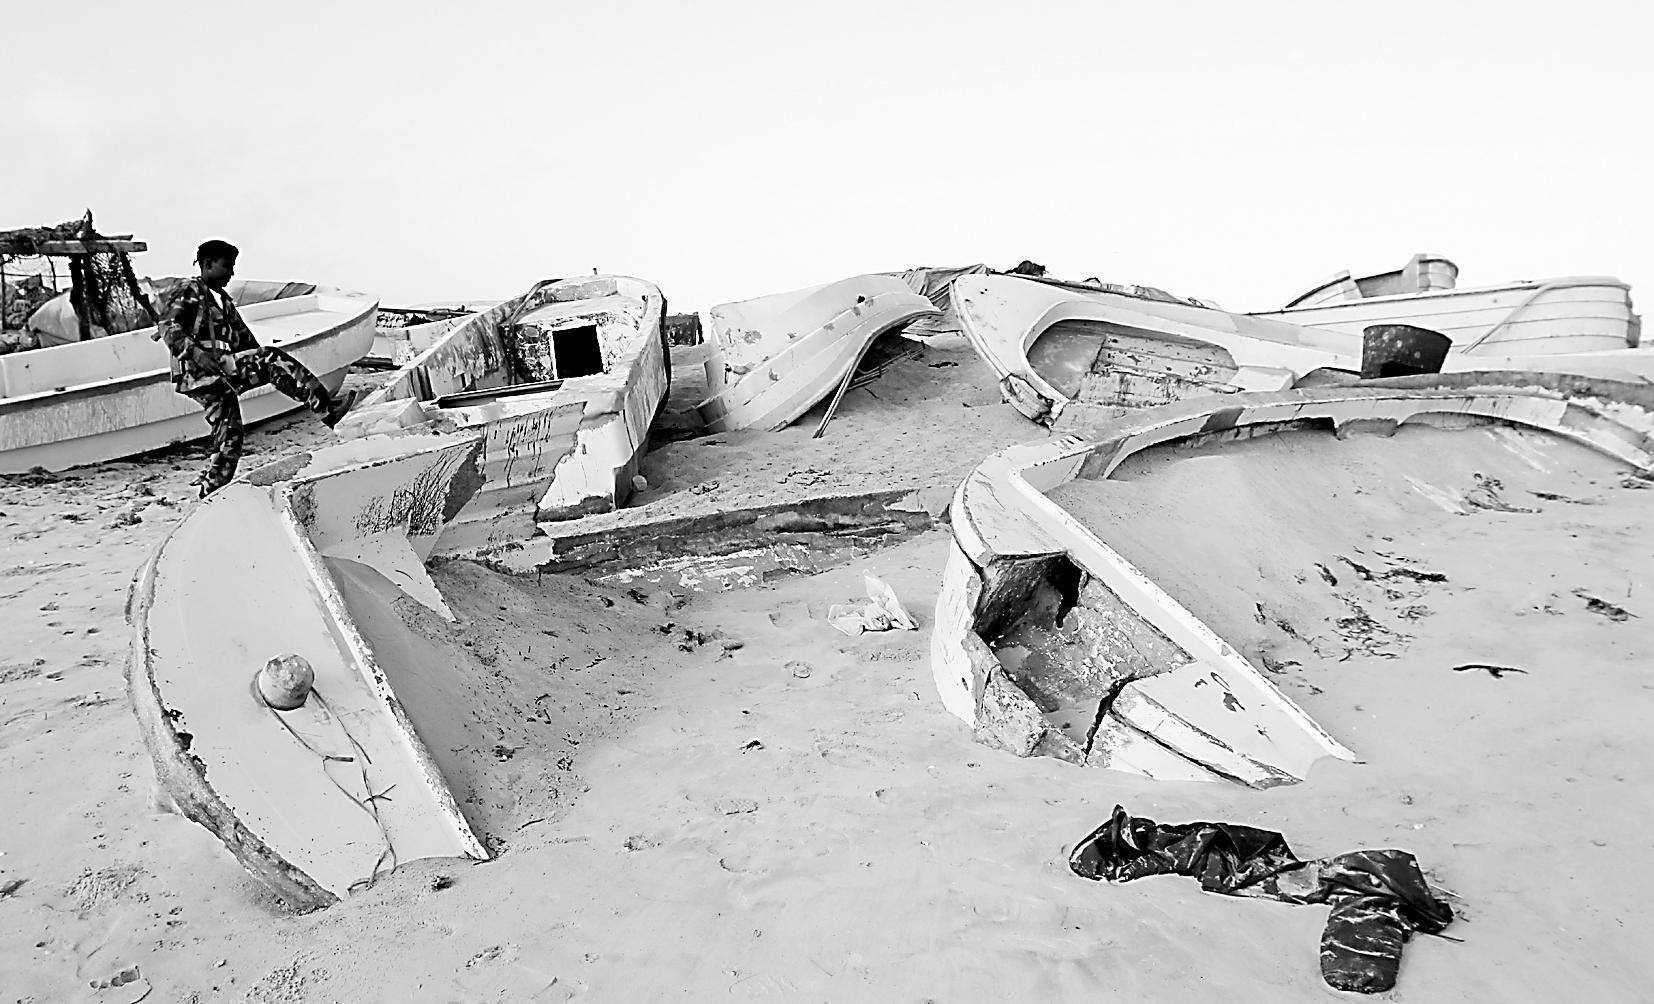 索马里海盗图片_中国渔民讲述索马里海盗现状_国际新闻_环球网